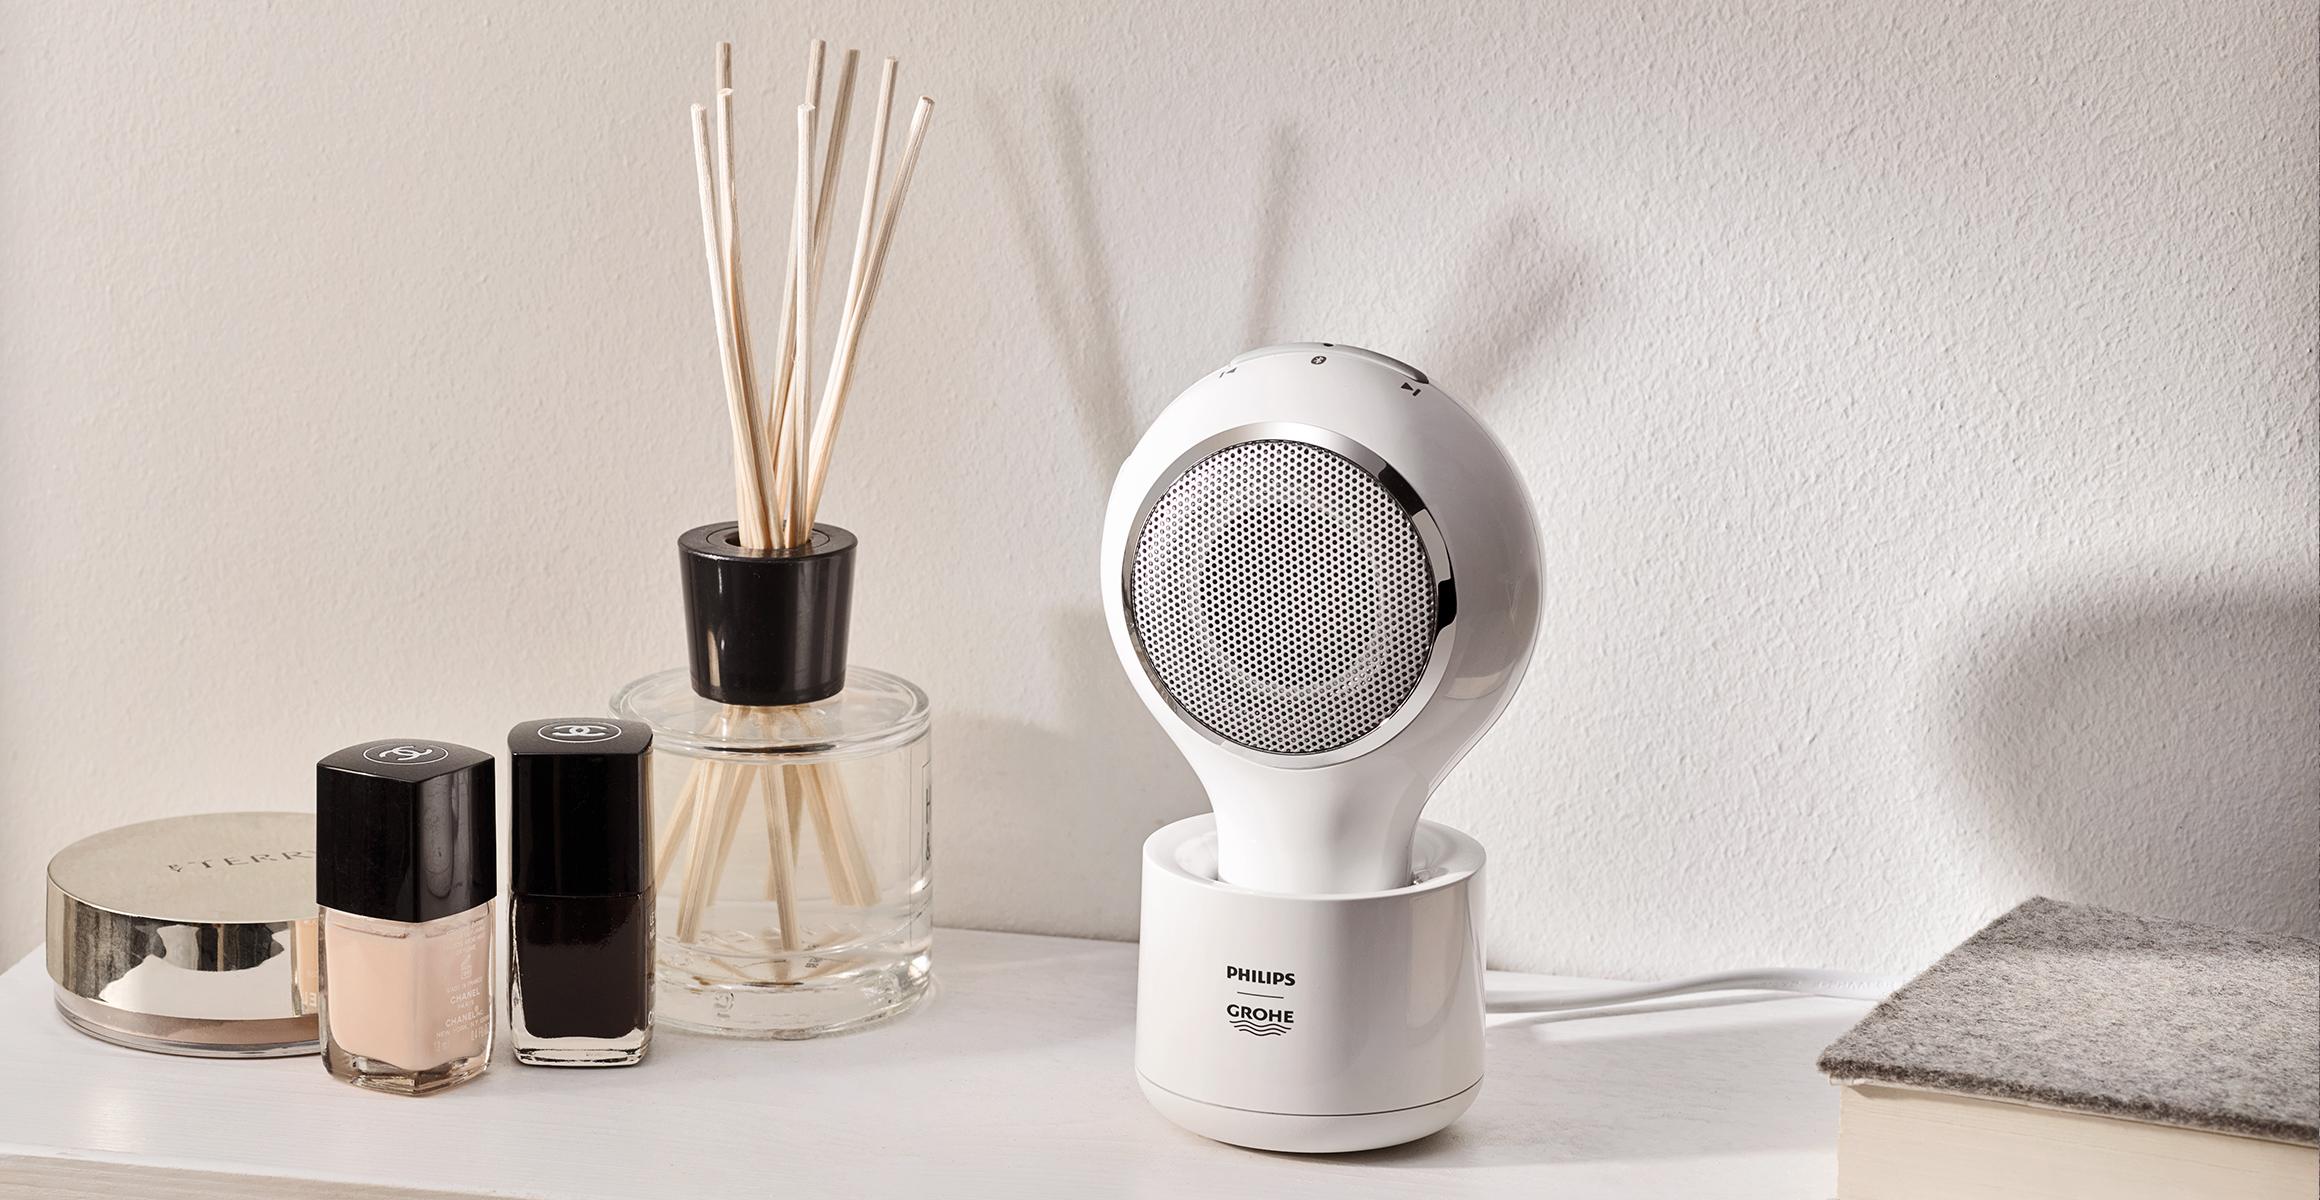 Waterdichte speaker voor de badkamer van Grohe en Philips #badkamer #muziek